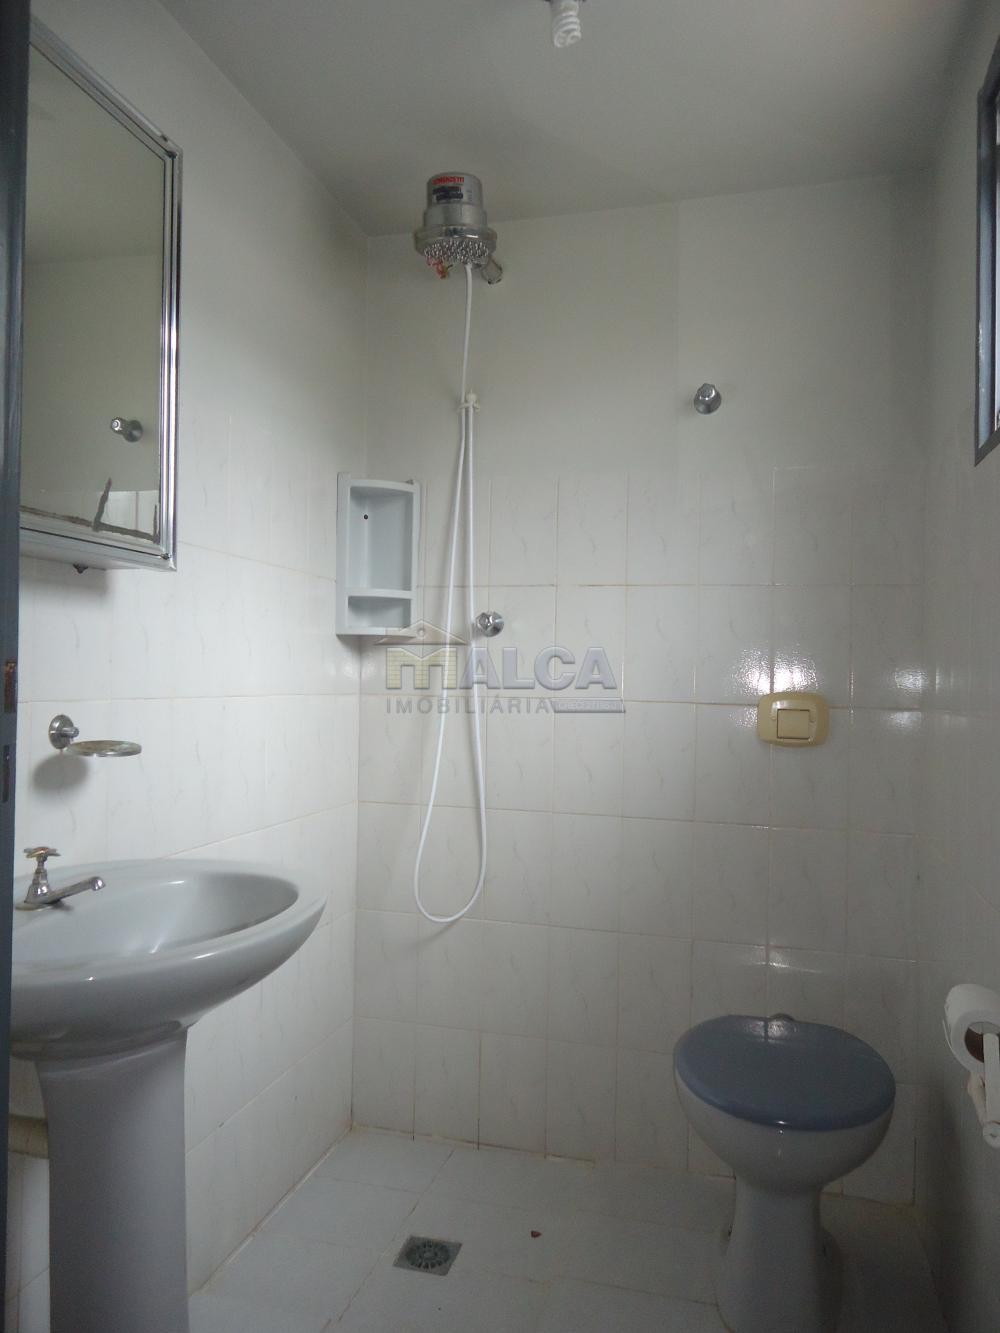 Banheiro: Dormitório Externo Suíte